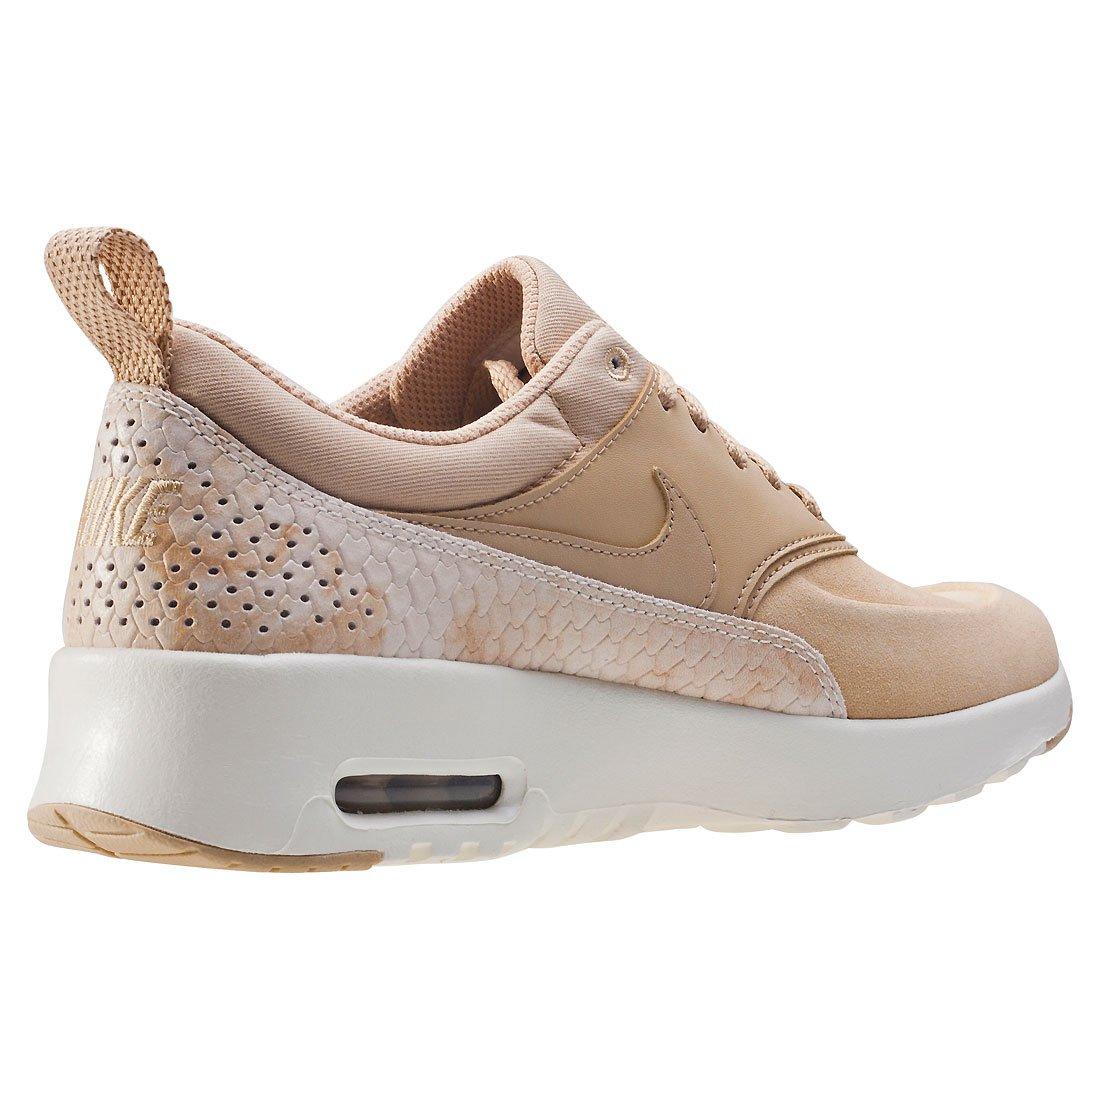 Nike Air Max Thea Premium Wmns 616723 203 Damenschuhe Nike